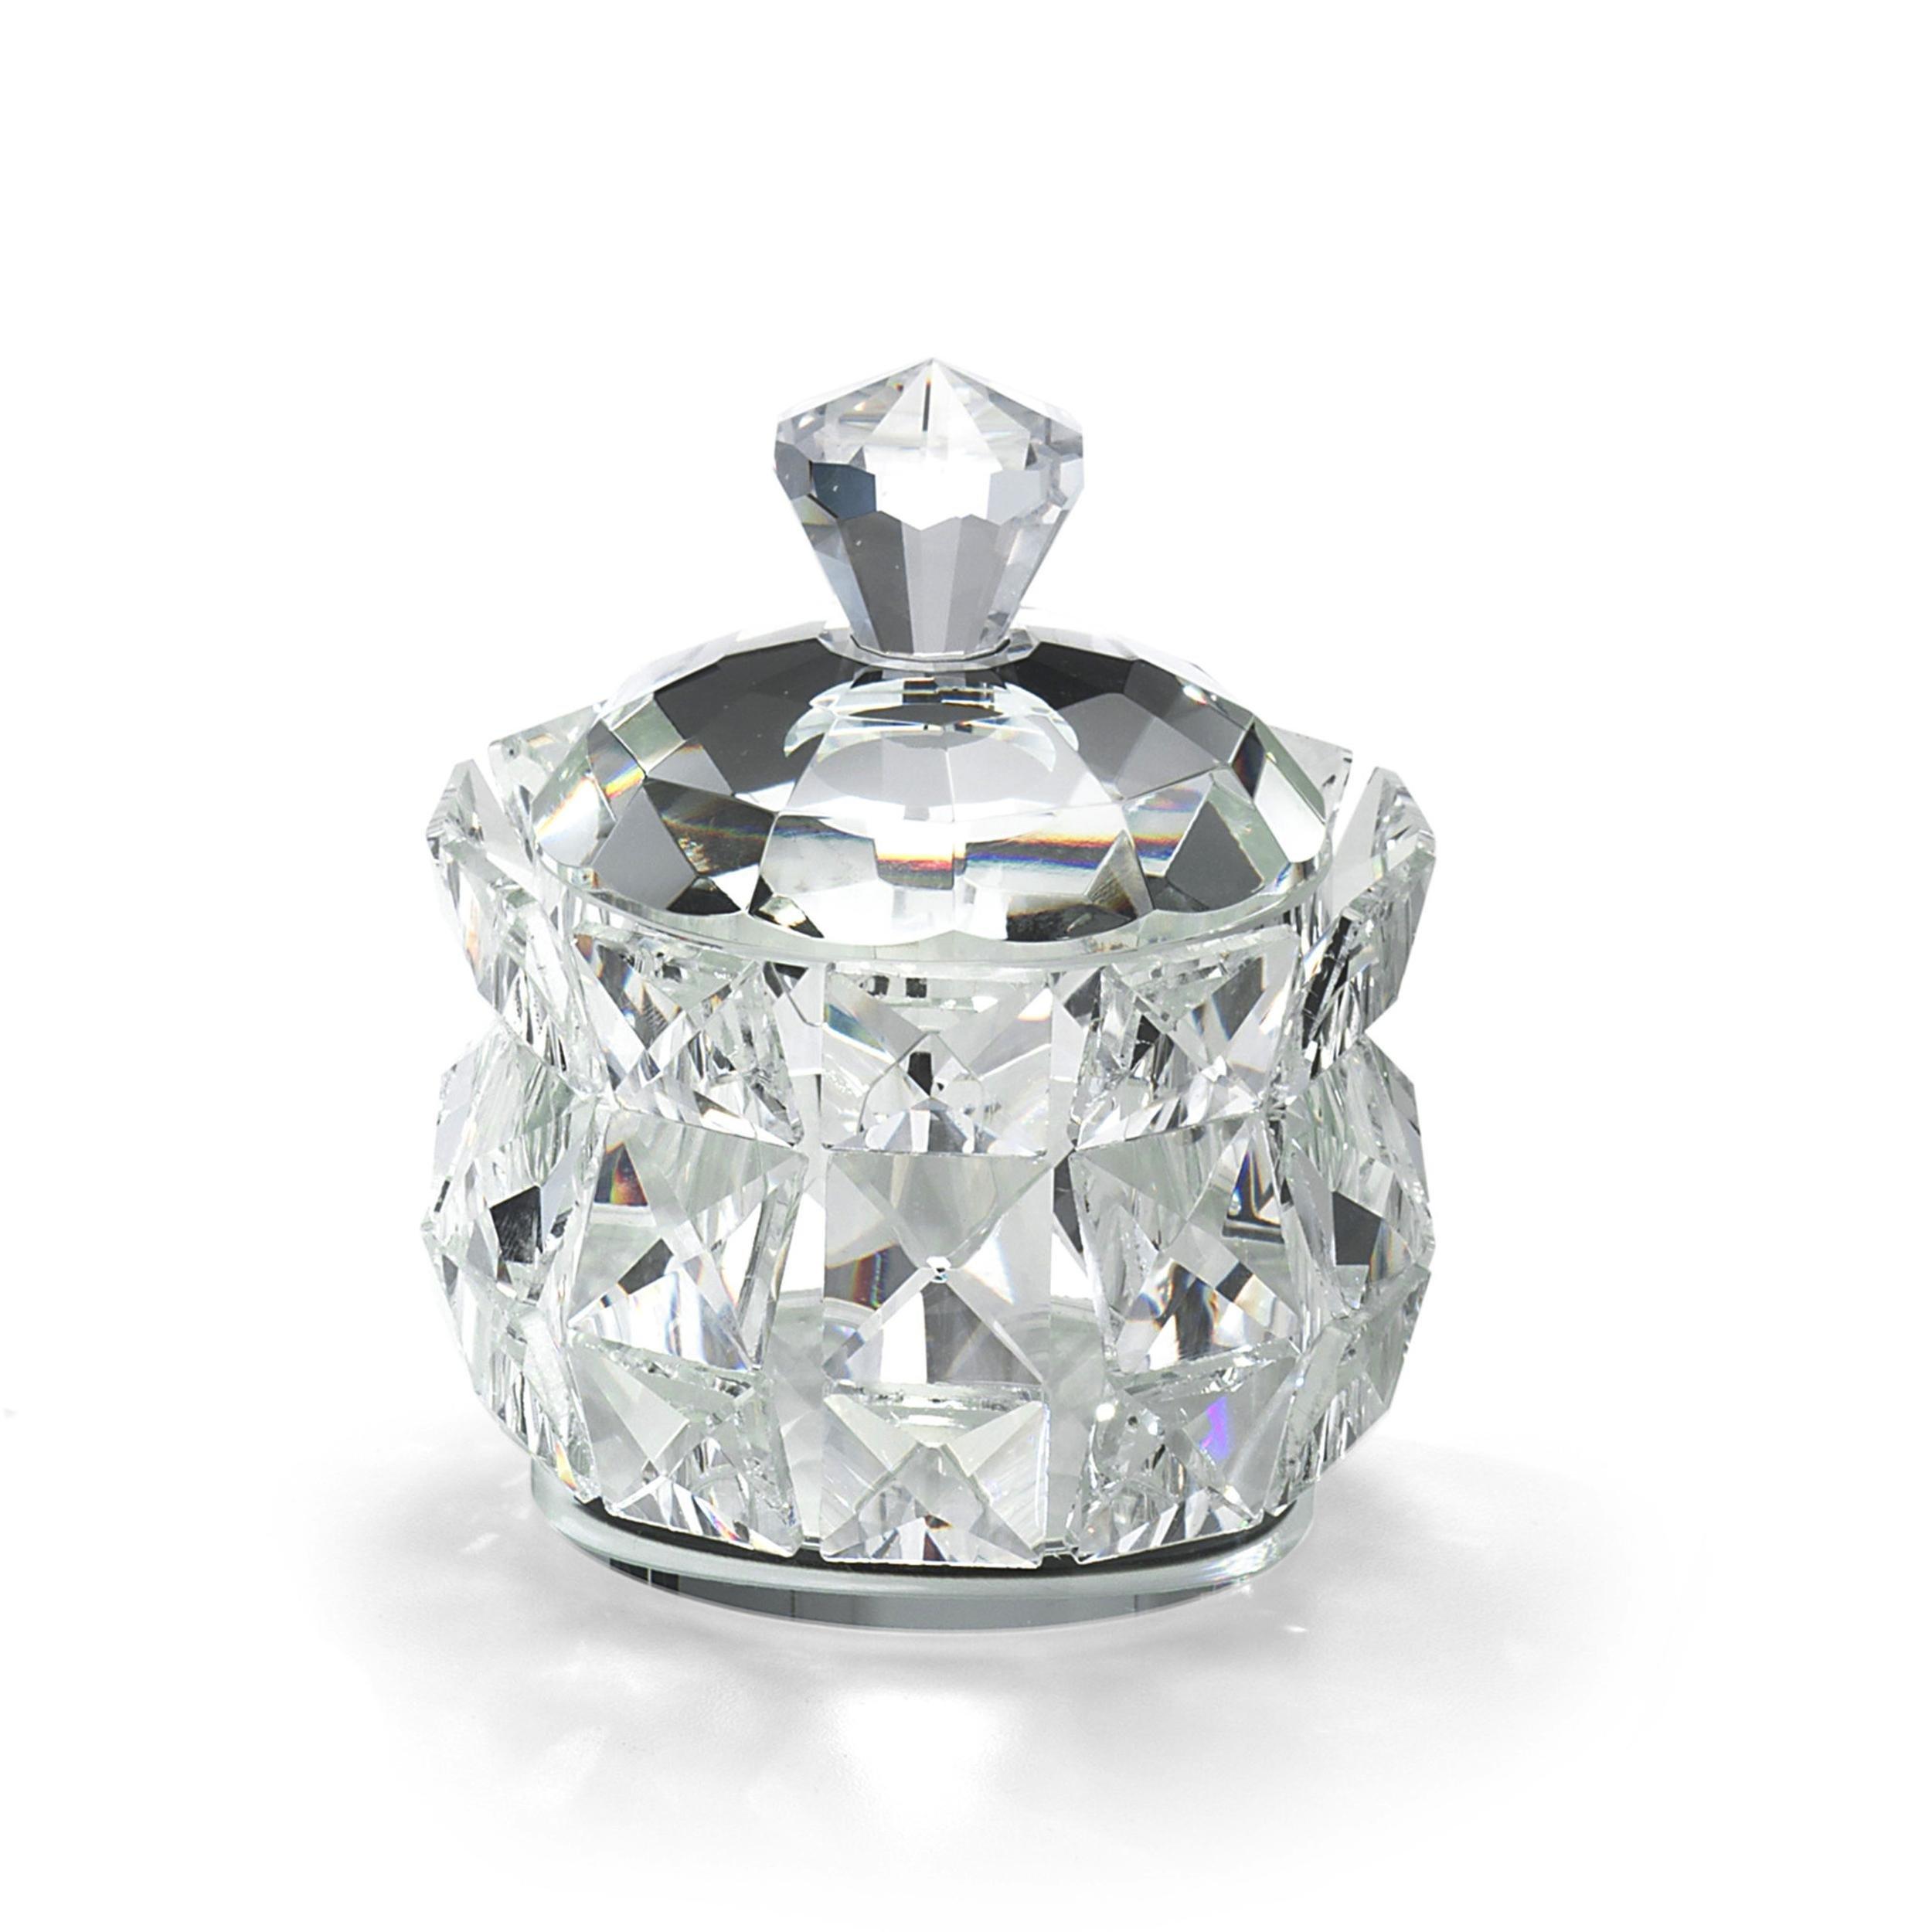 Bomboniere Matrimonio Cristallo.Scatola In Cristallo K9 Diamante 10 5x10x5xh11 Cm In Scatola